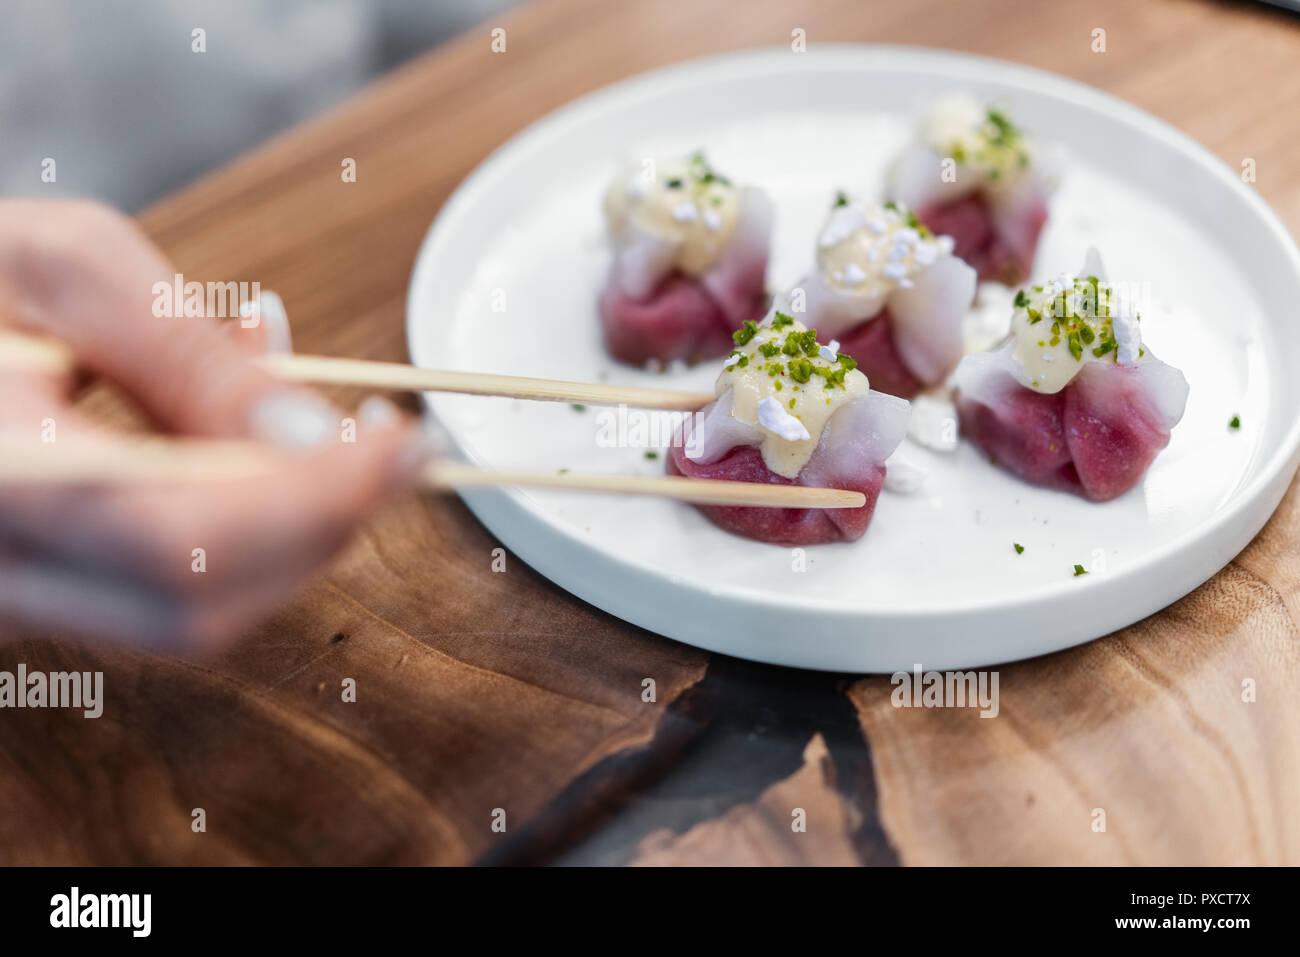 Chinesische und Koreanische Knödel auf dem weißen Teller mit Pistazien eingerichtet. Stockbild